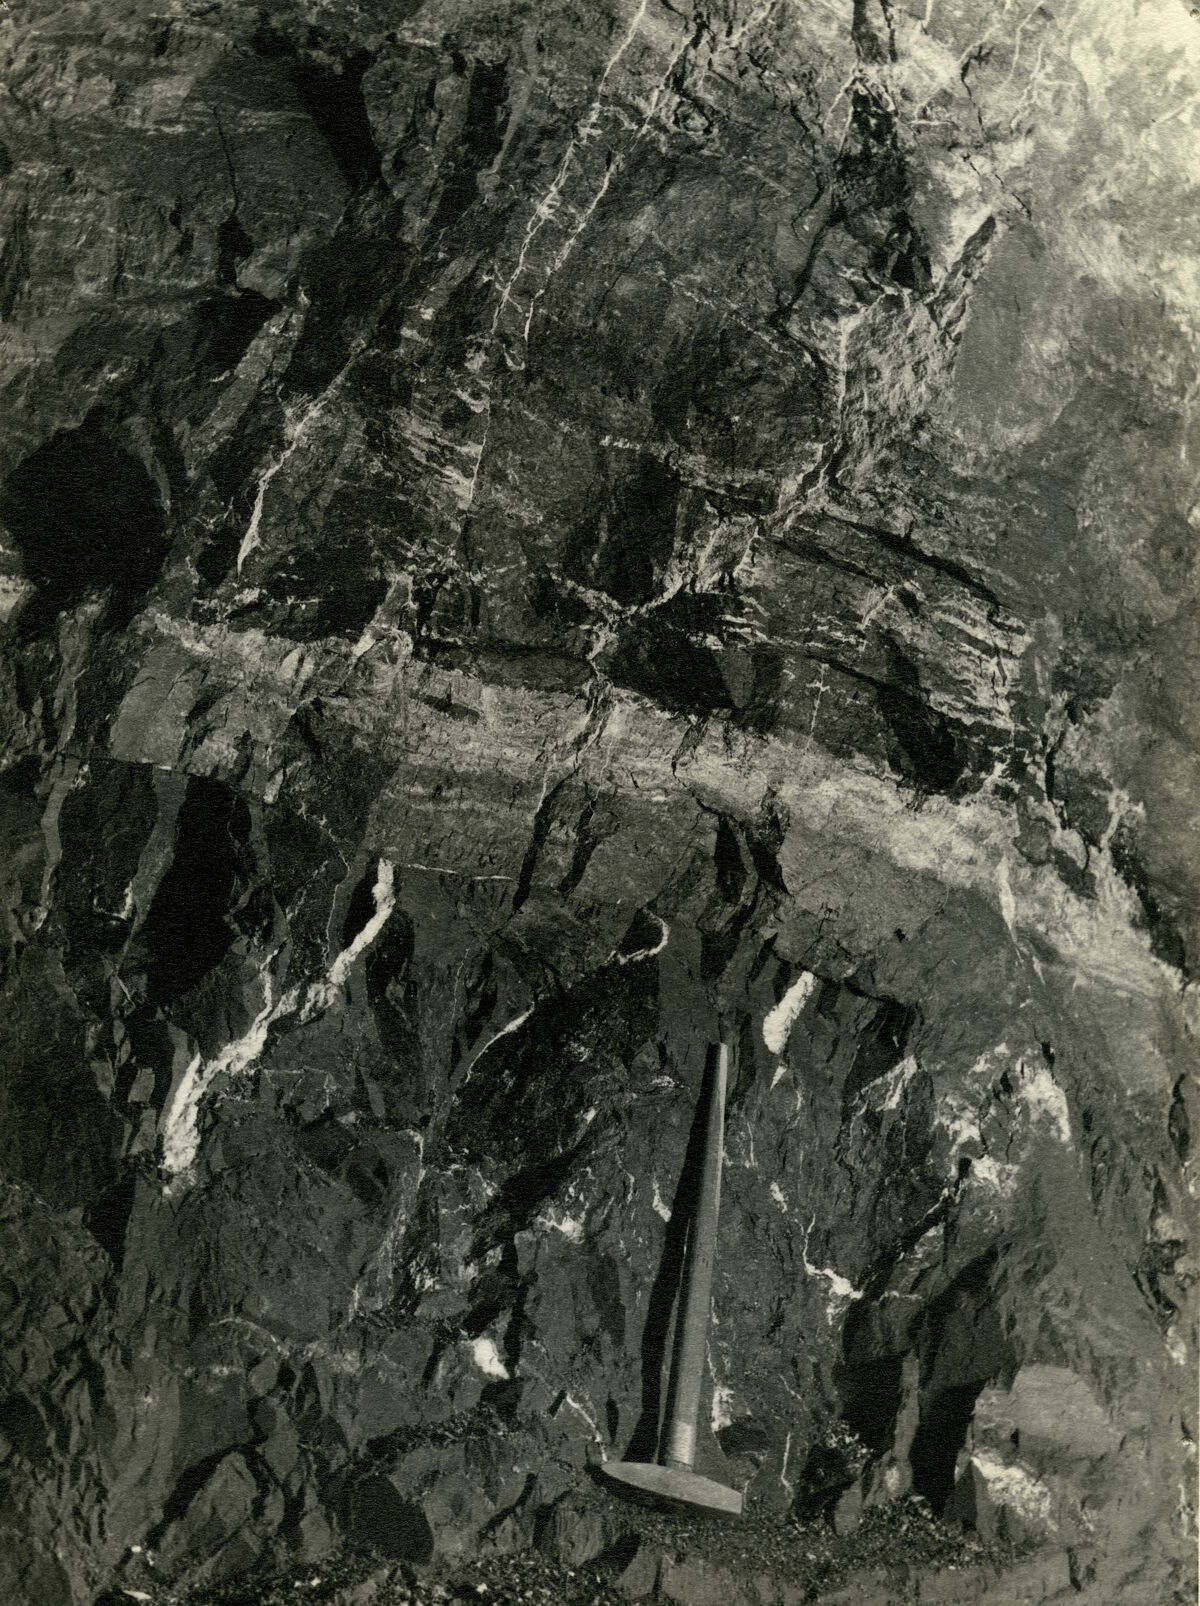 EBA 2/321.27: Gonzen, Bergwerksaufnahmen unter Tage